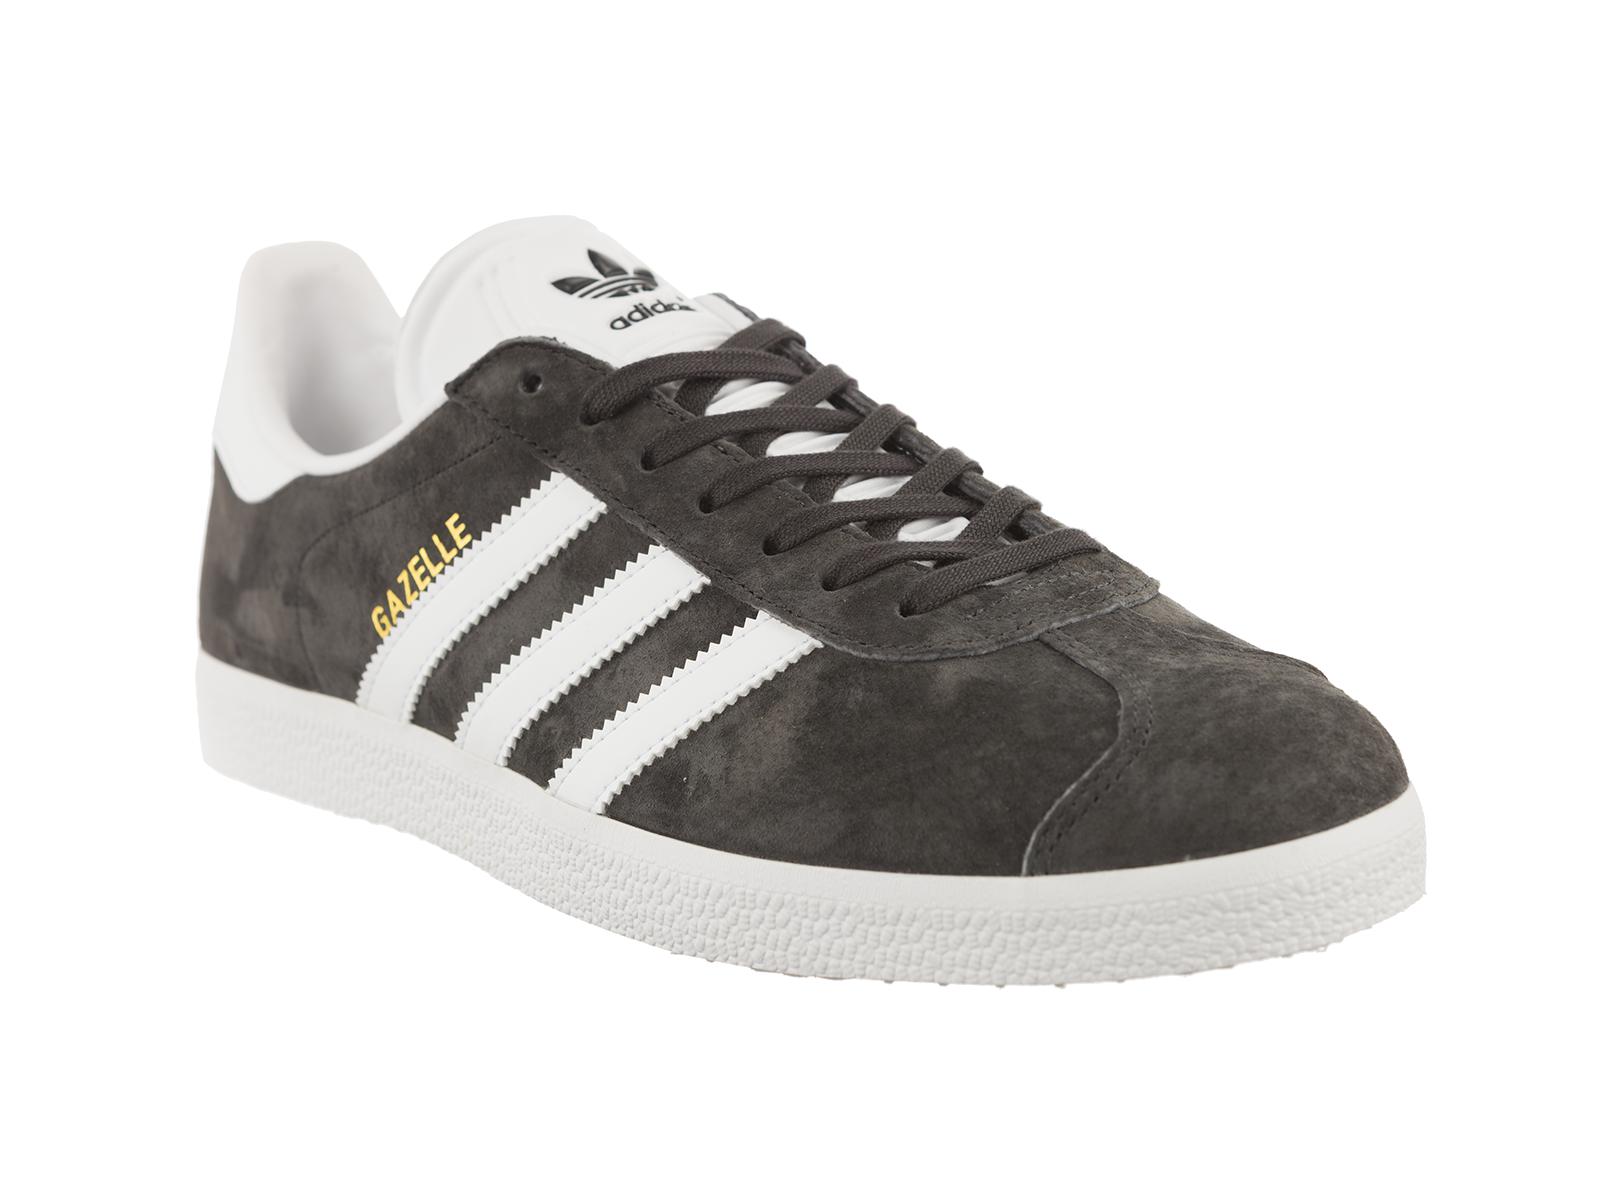 adidas Originals Gazelle Herren Damen Sneaker Turnschuhe Schuhe 2017